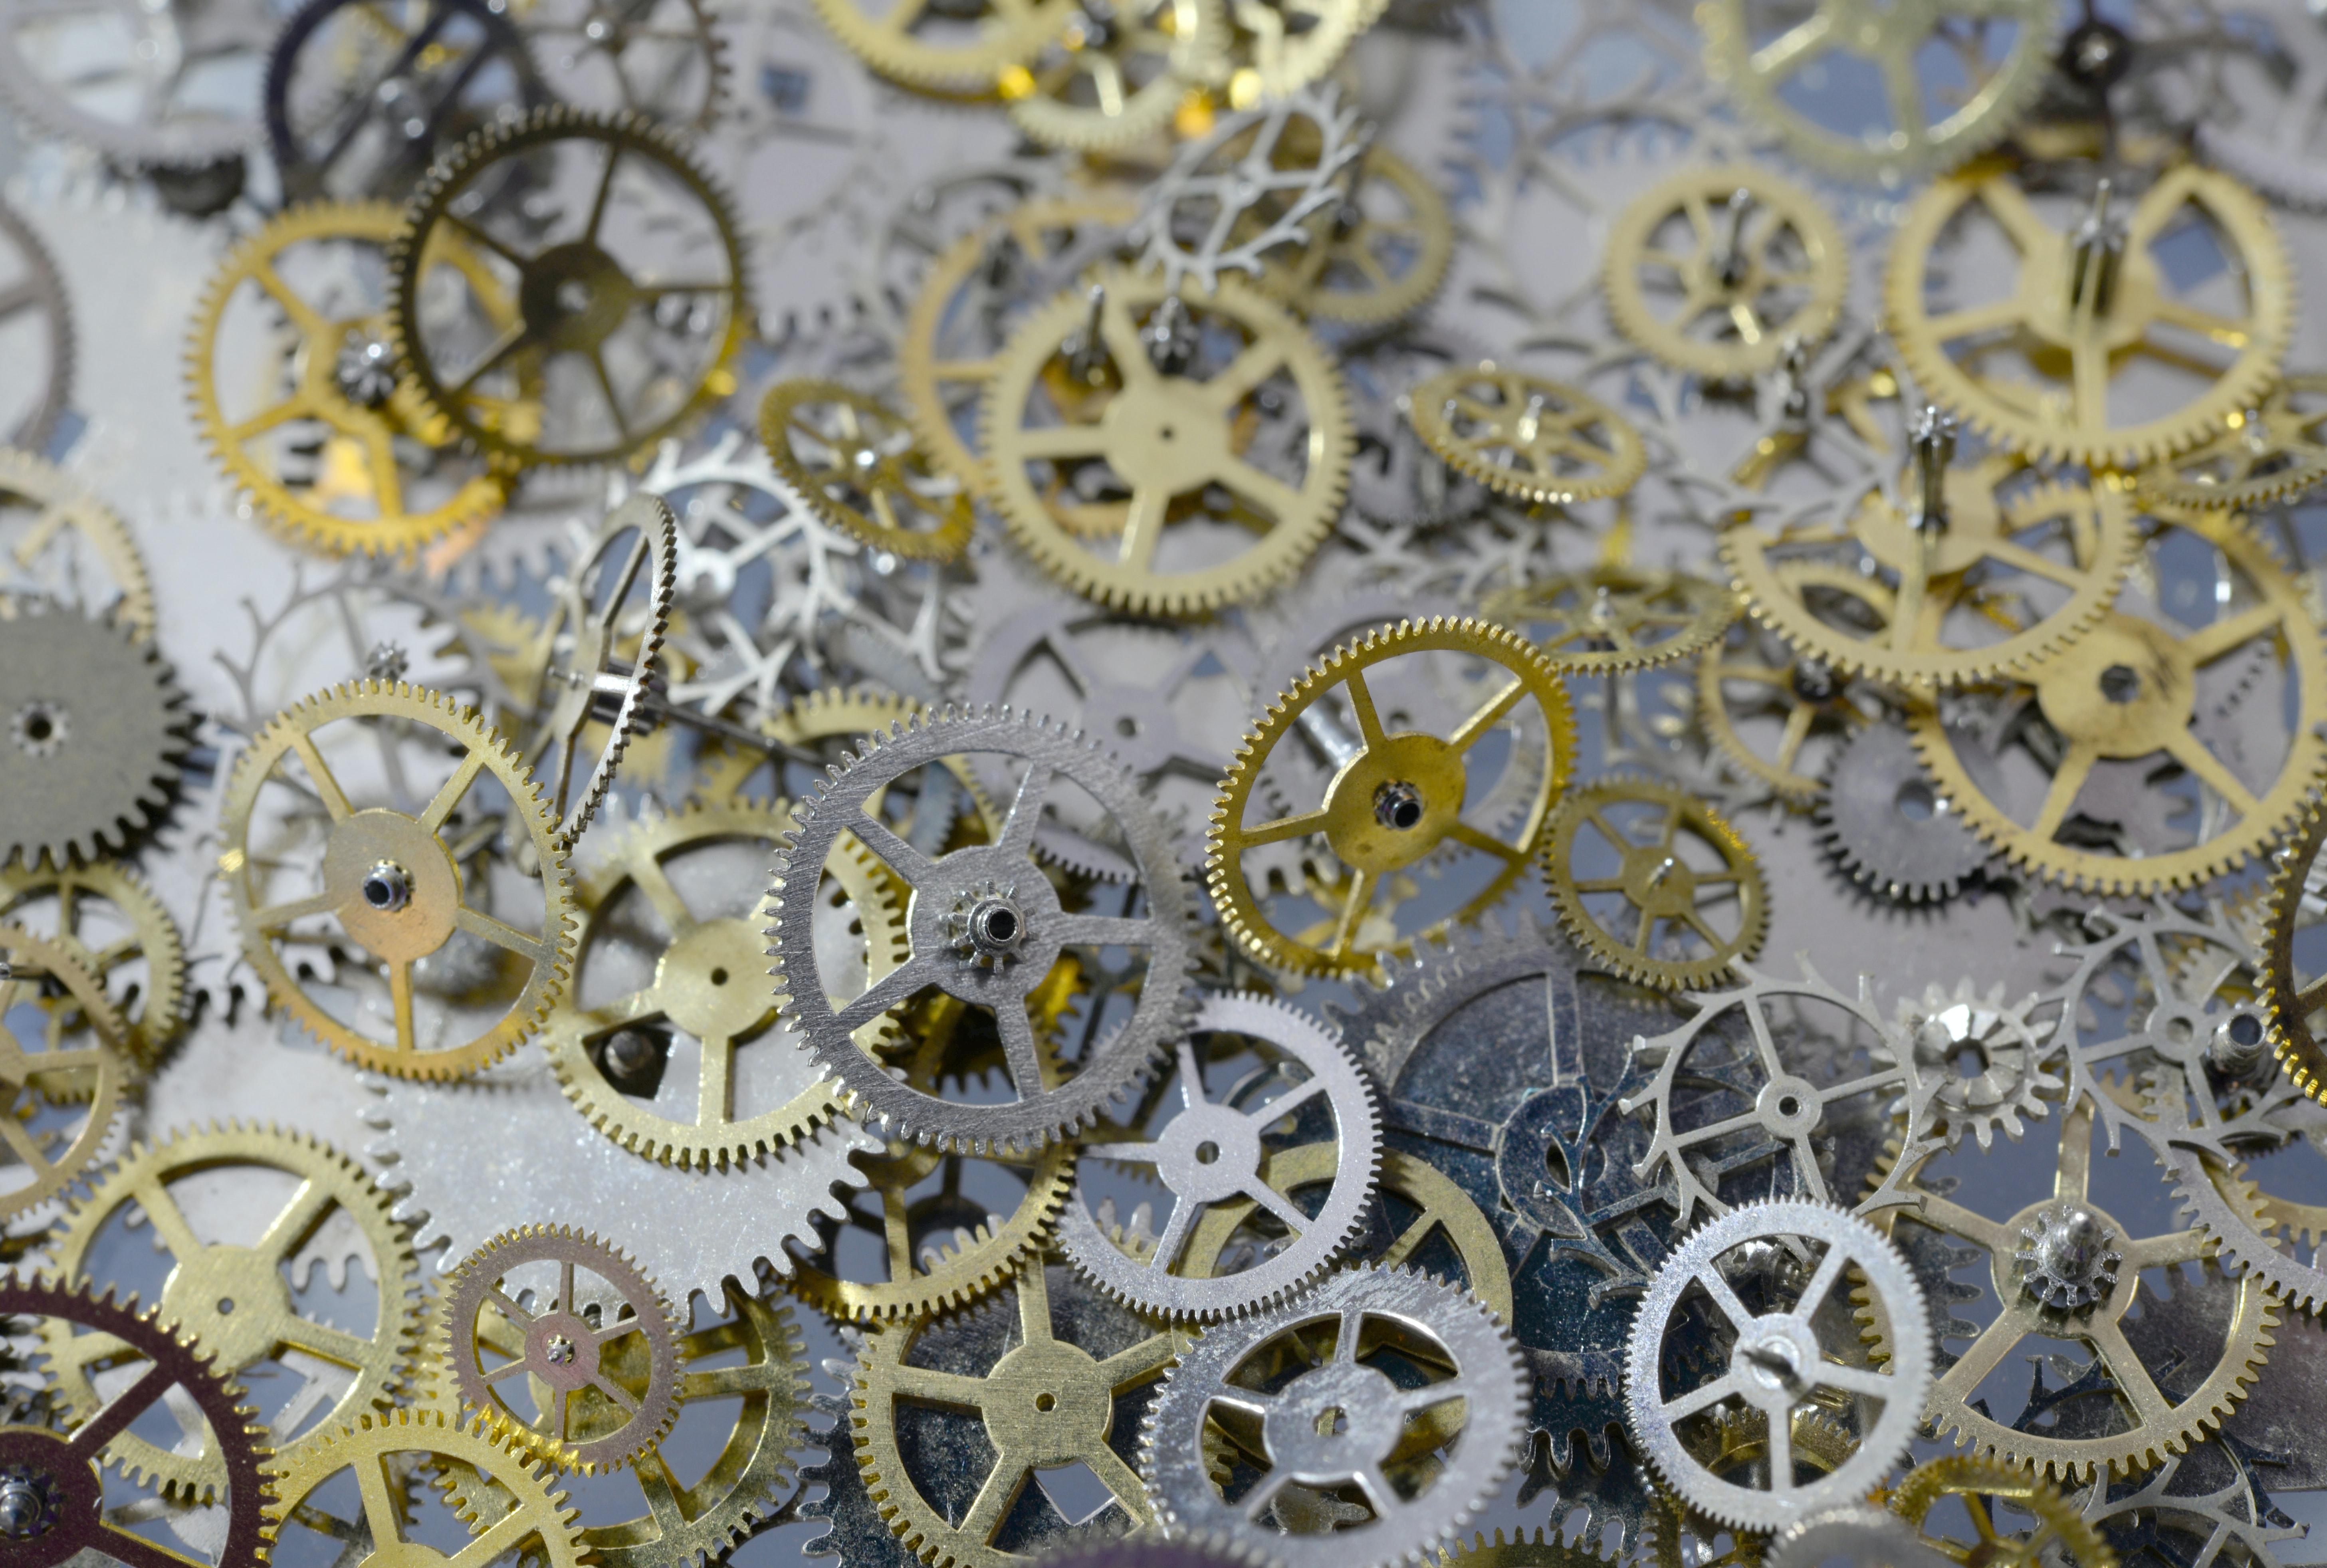 「純正でない部品が使われている時計」のイメージ画像